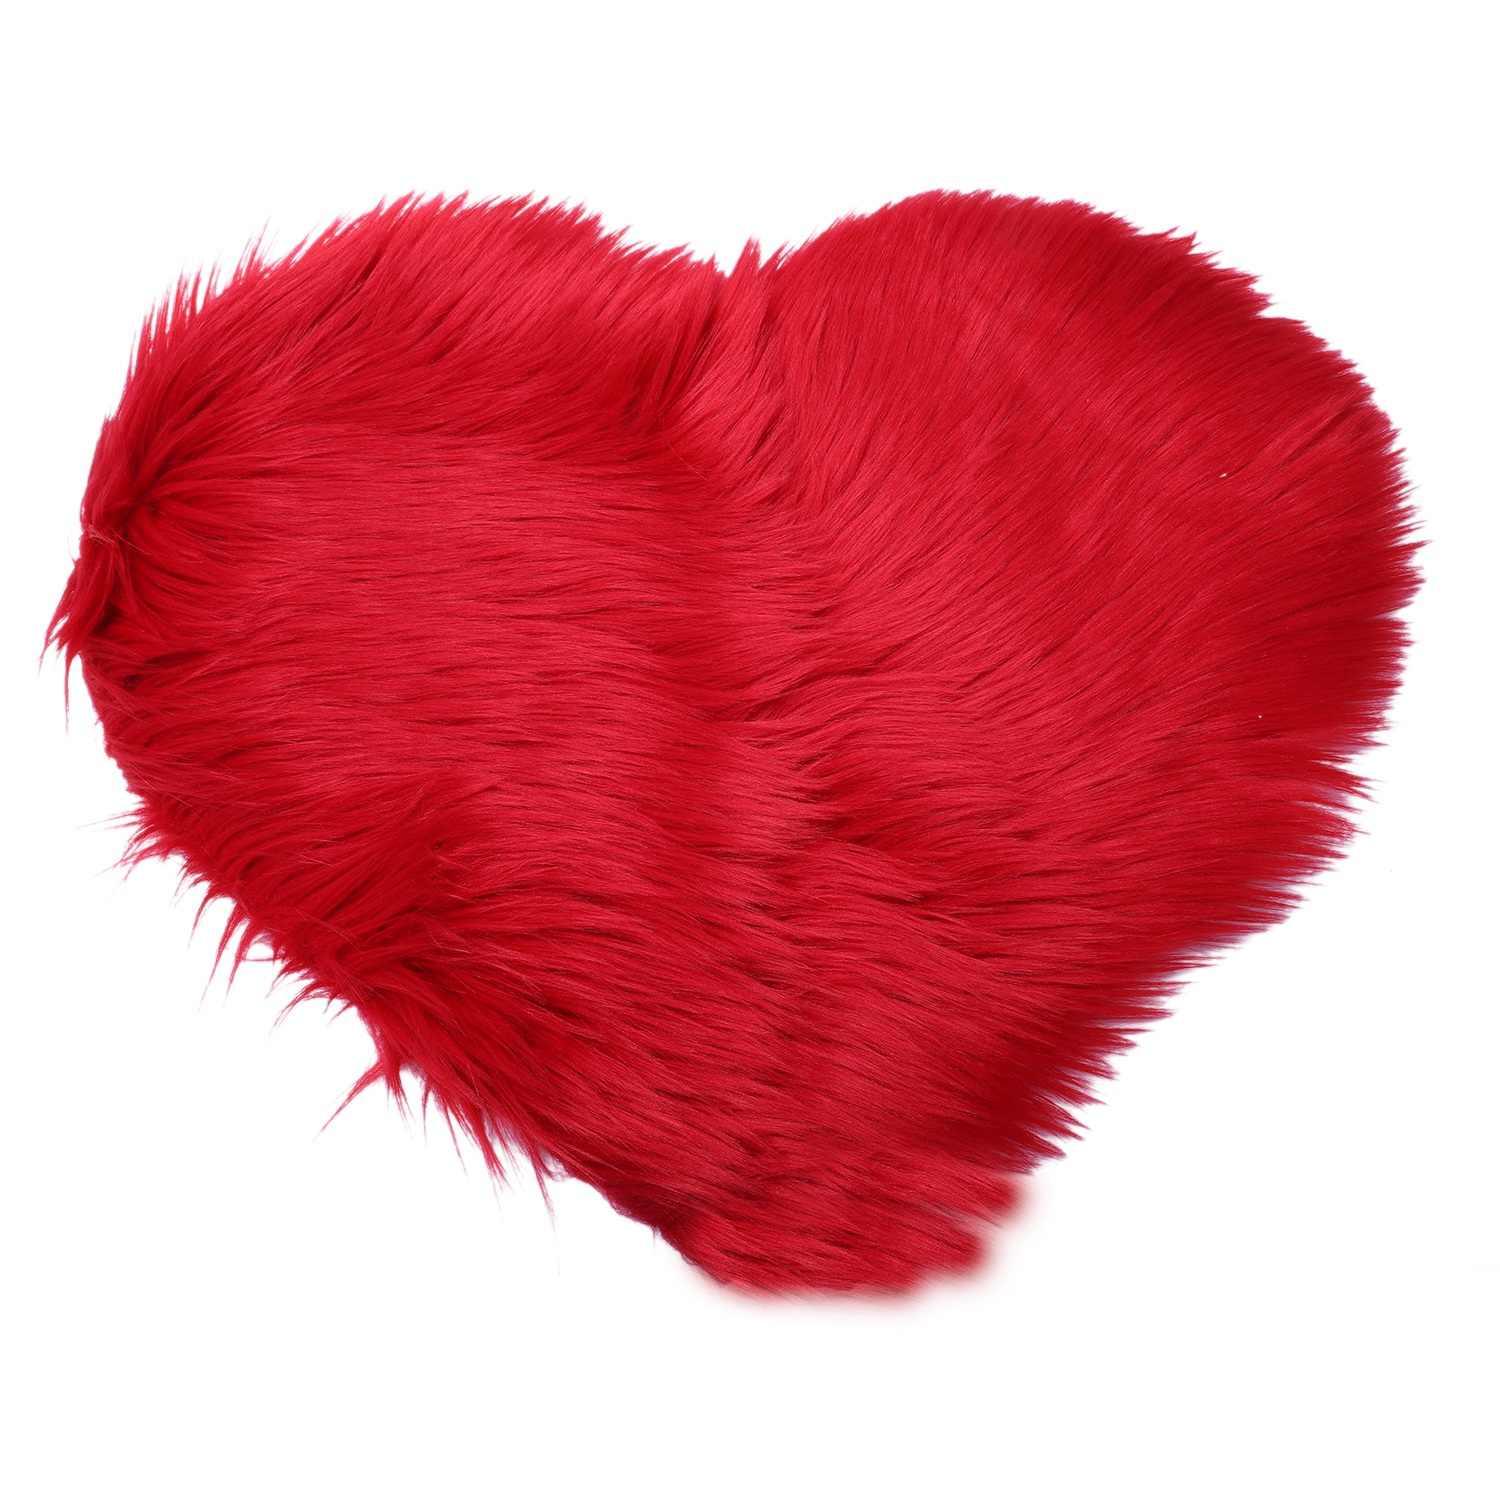 IALJ Топ Любовь Имитация шерстяной коврик наматрасник диван Подушка плюшевая ковер гостиная журнальный столик канапе спальня